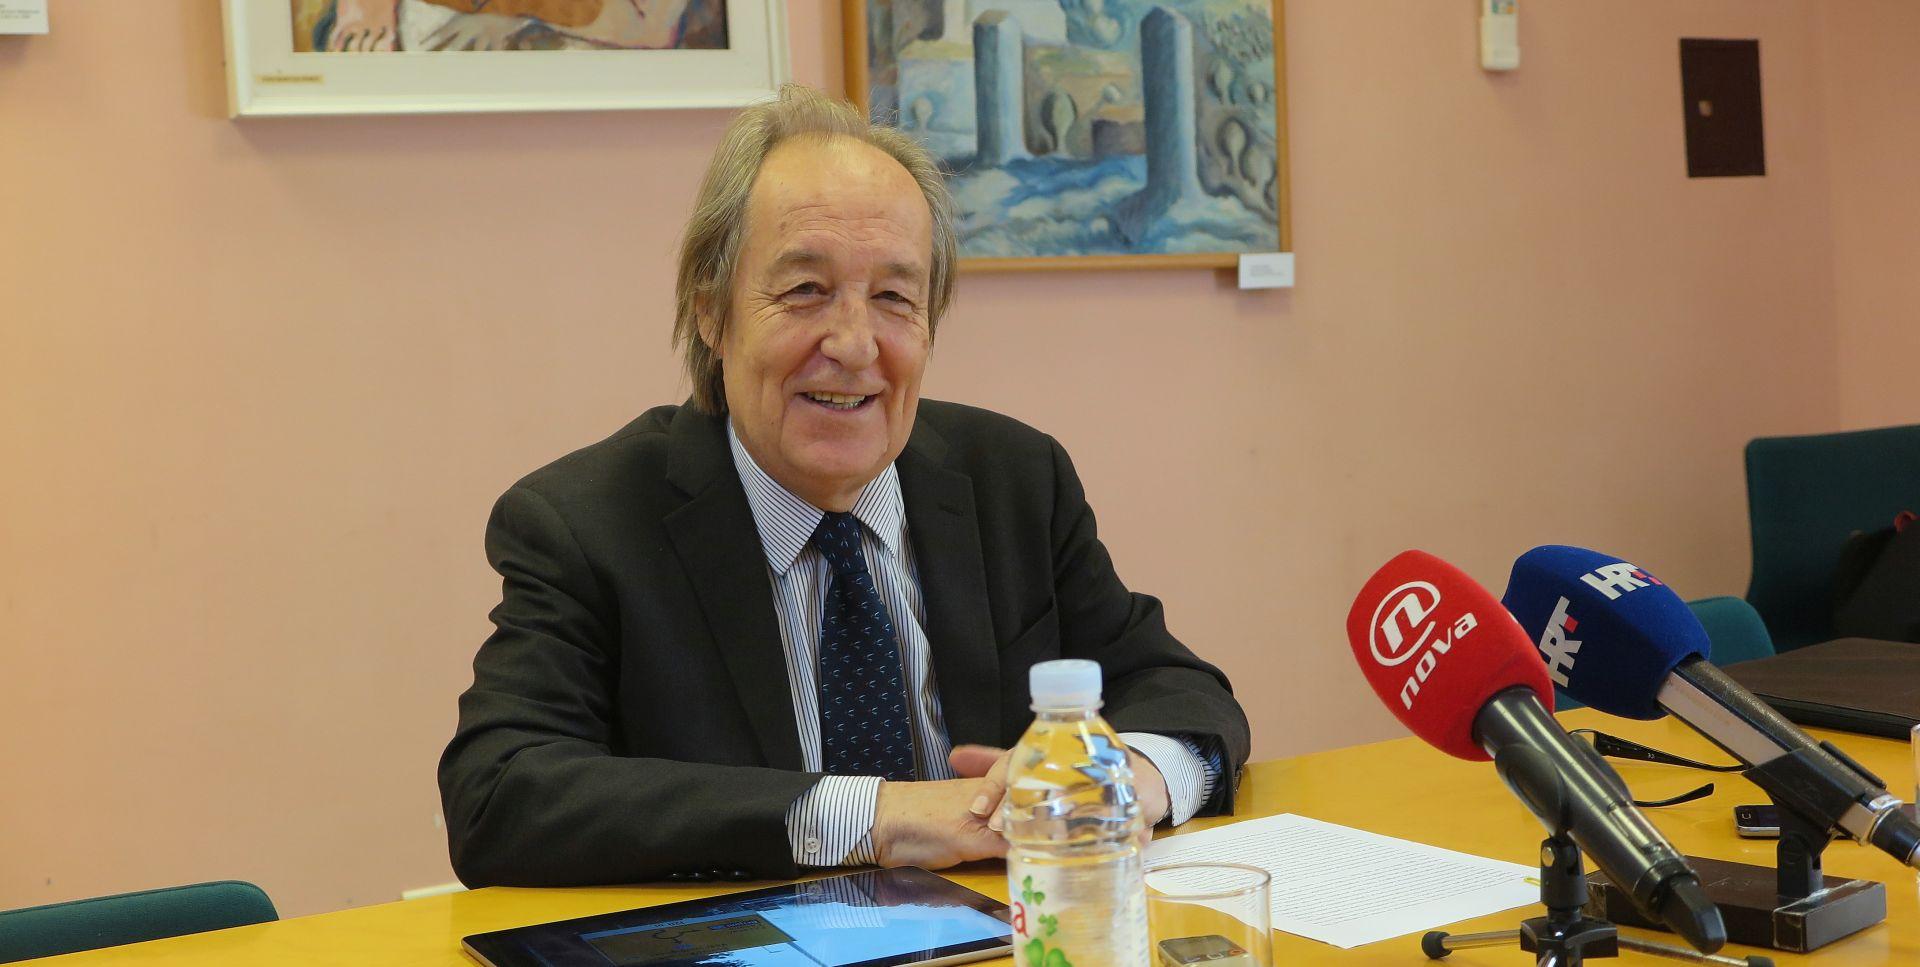 'Još nije postignut dogovor oko zajedničke komemoracije u Jasenovcu'